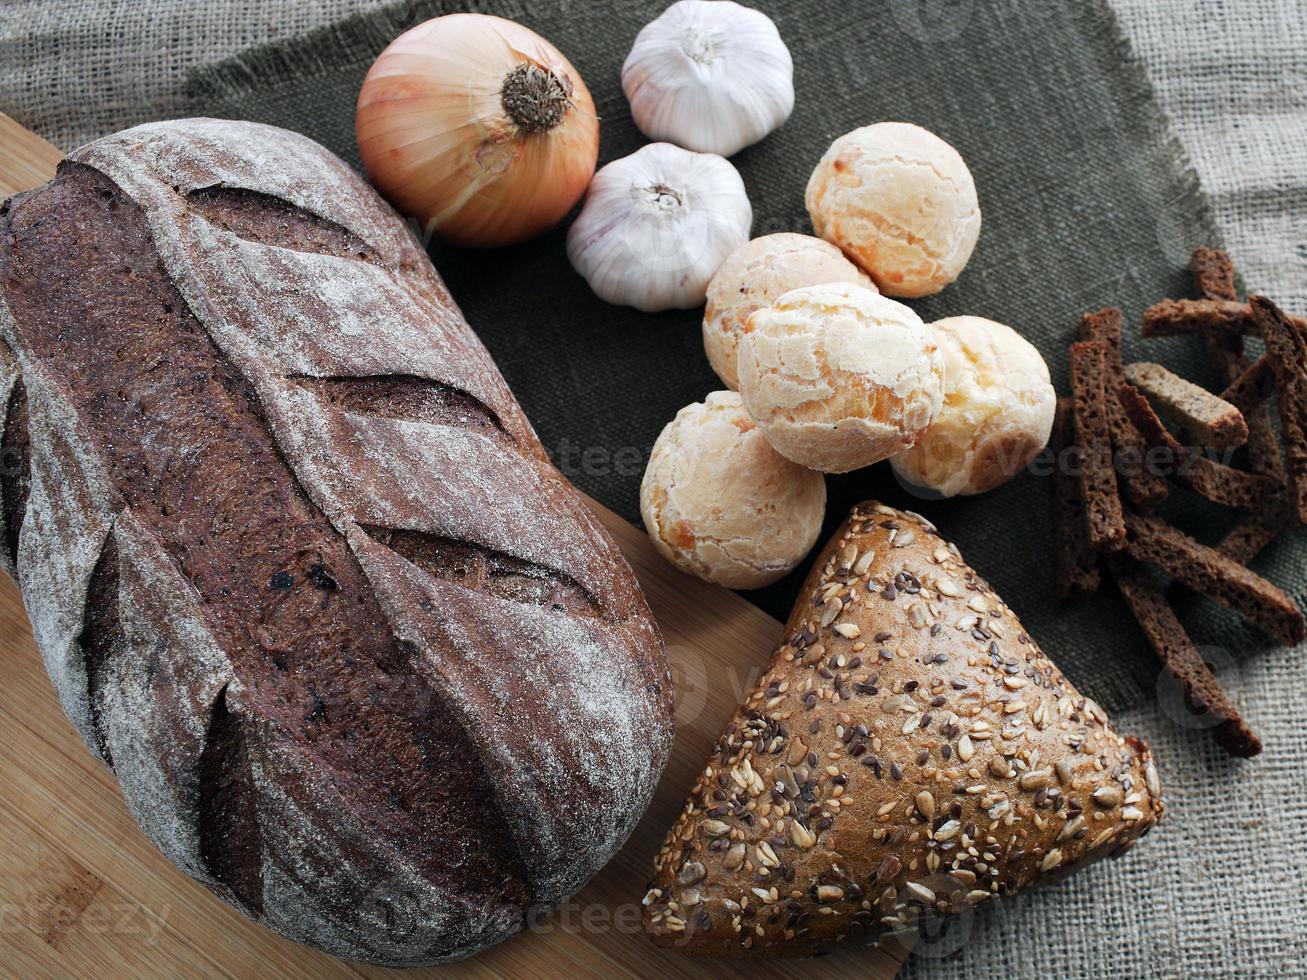 Pan, cebolla, ajo y galletas sobre un fondo marrón foto